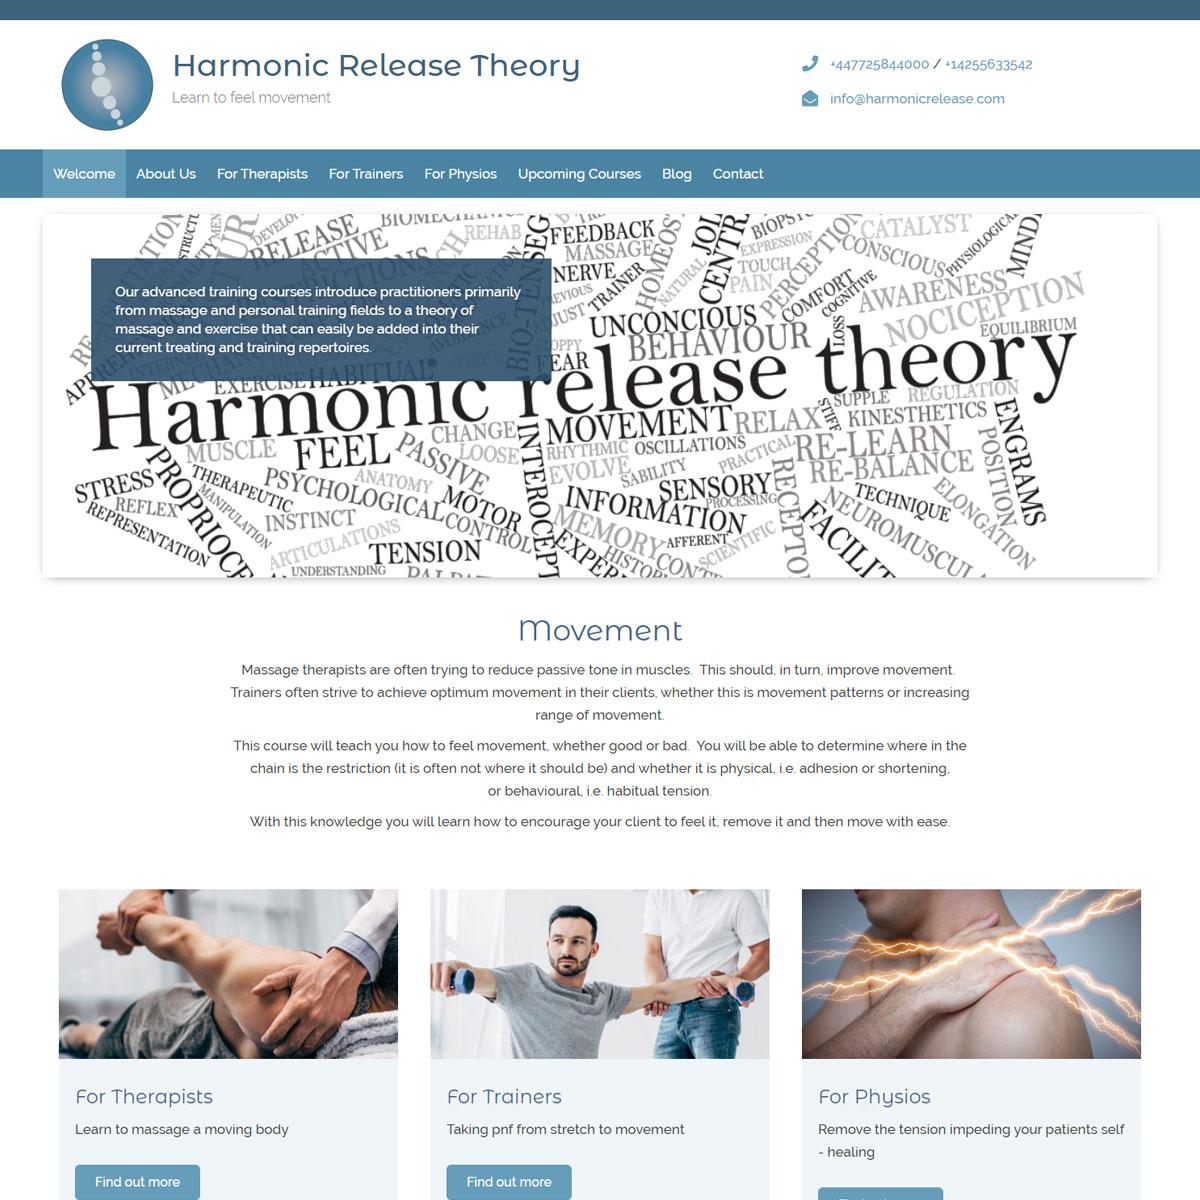 harmonicrelease